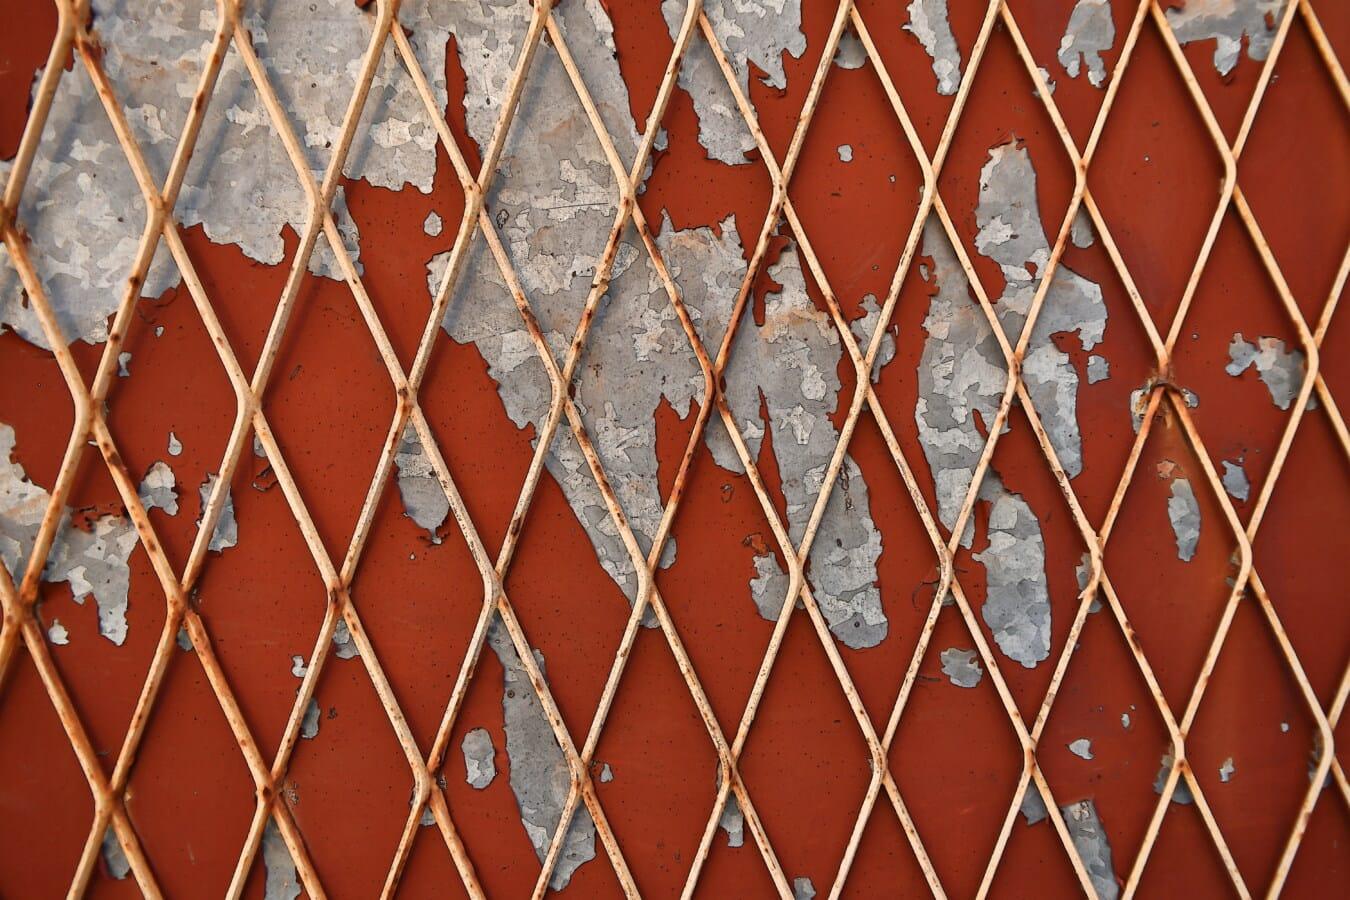 ograda, žice, hrđe, boja, metal, staro, propadanje, tekstura, prljavi, čelik